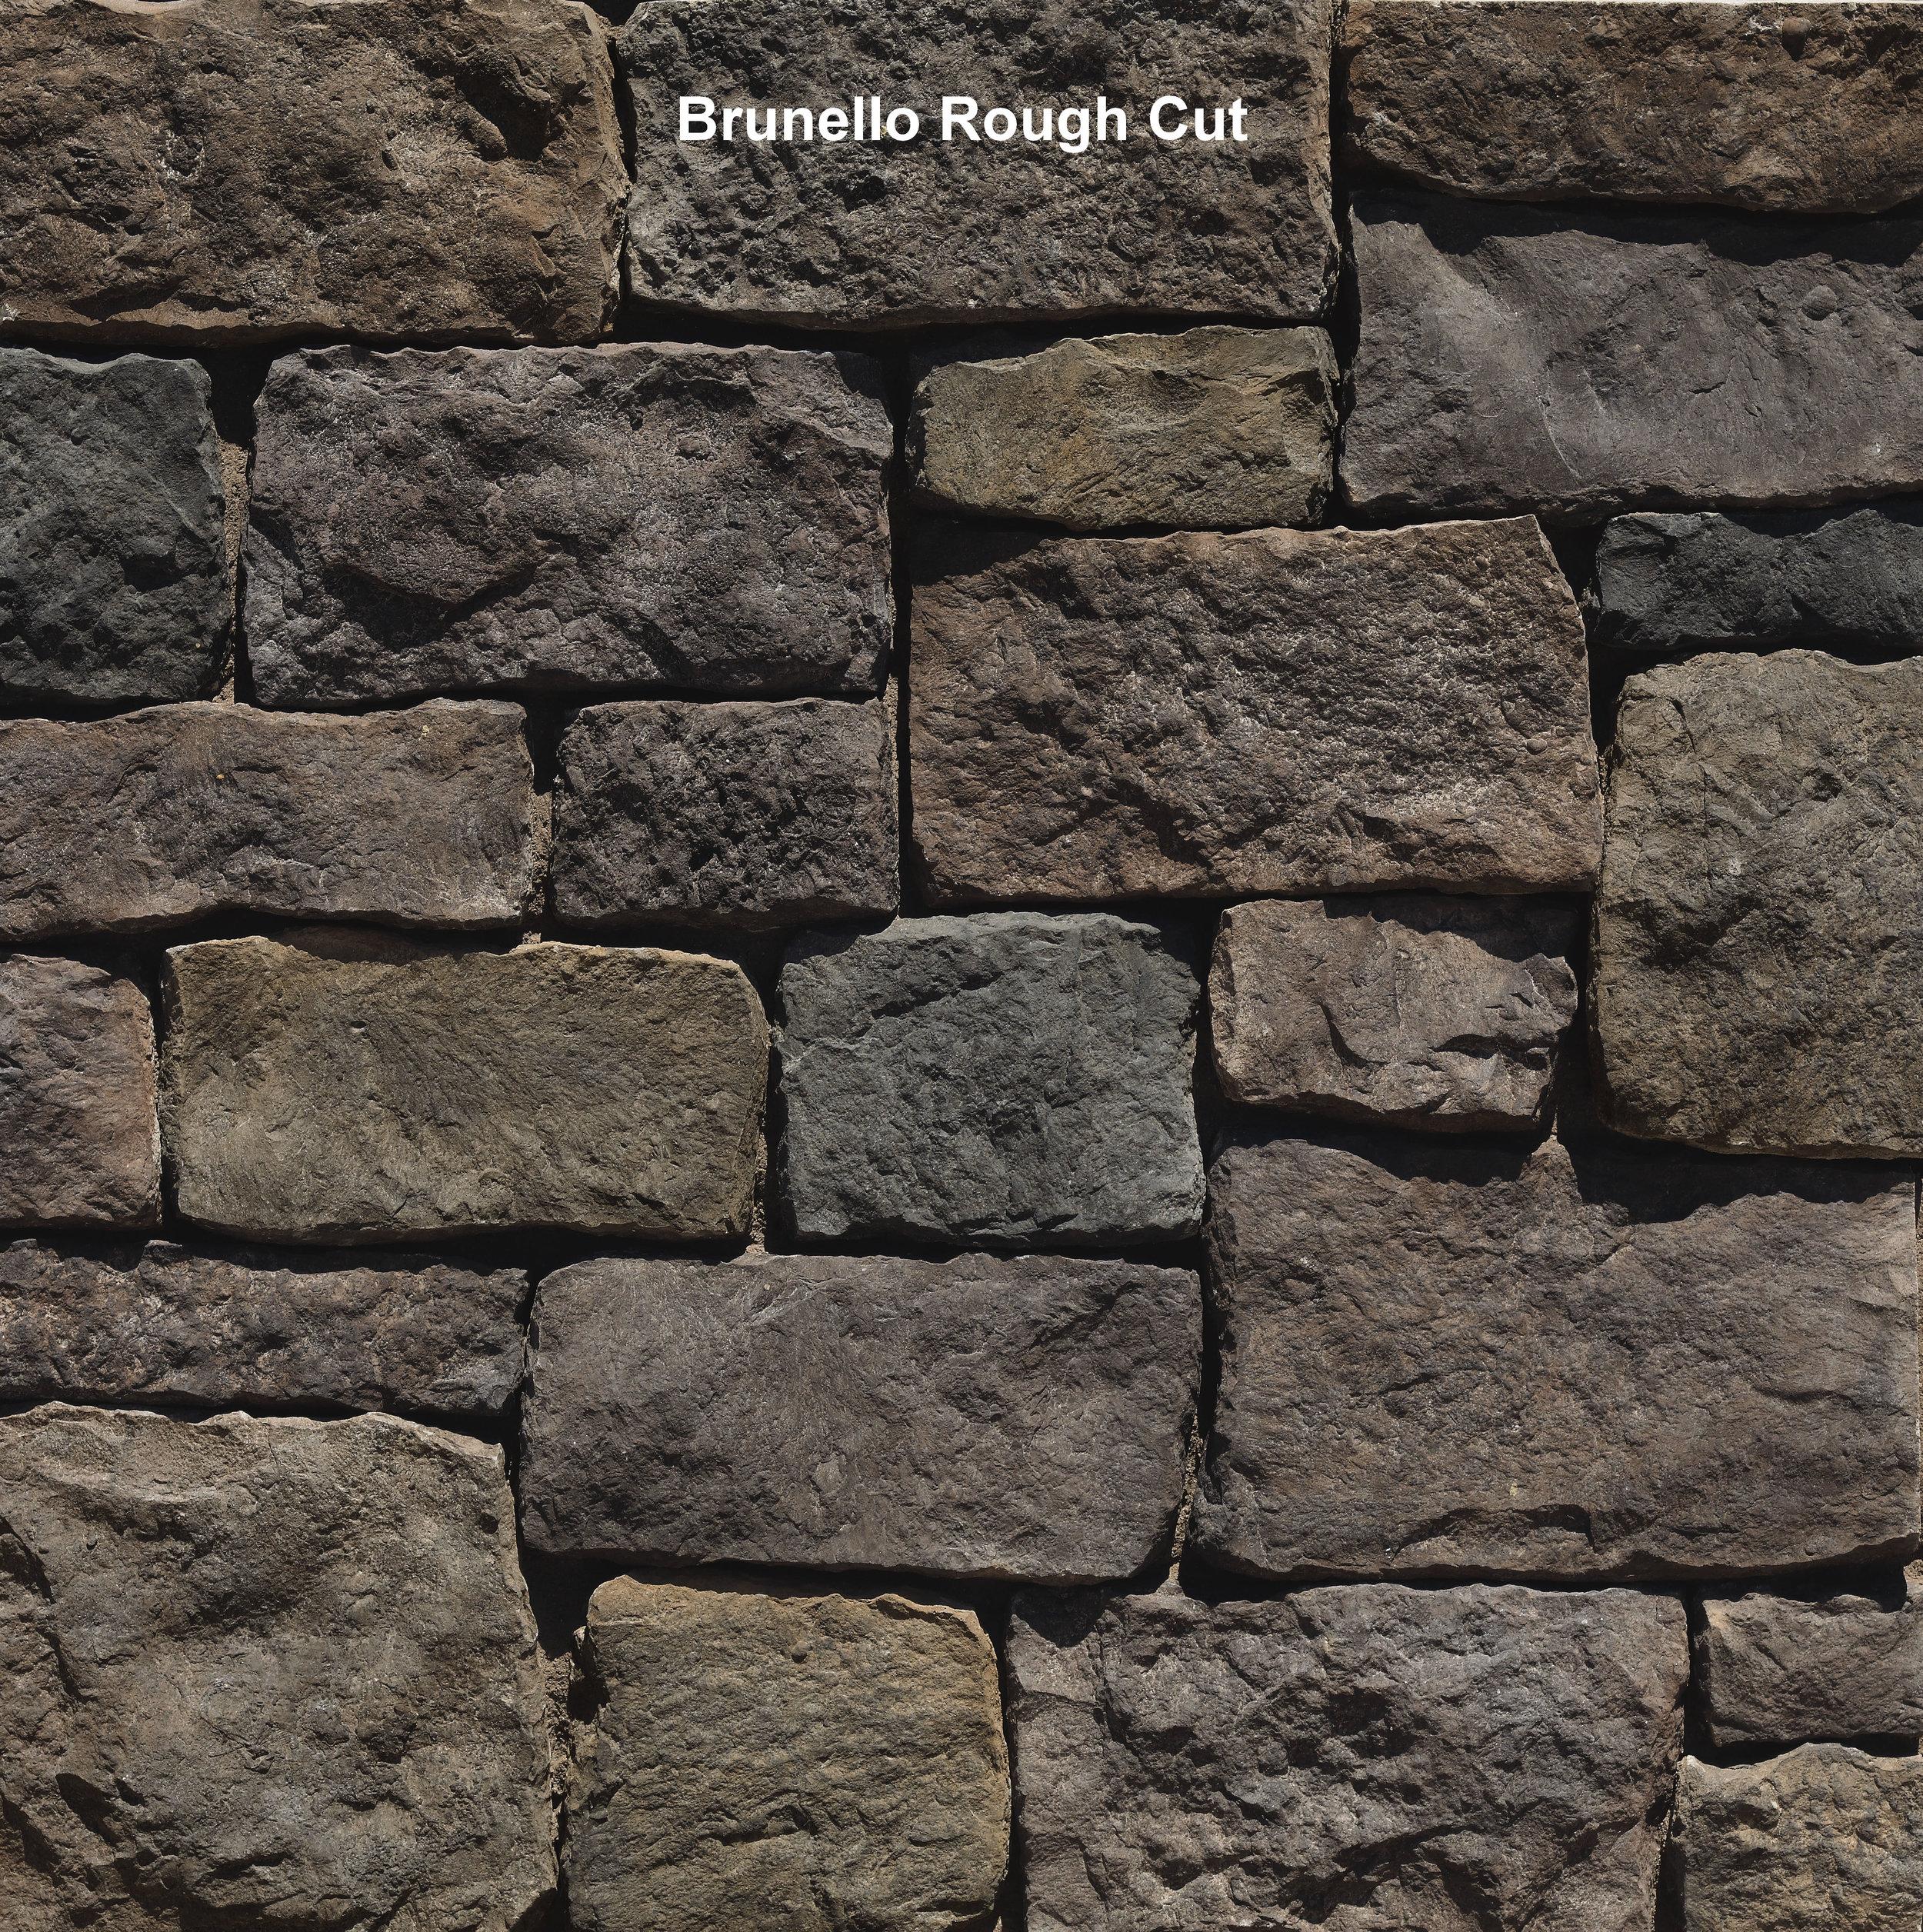 ES_RoughCut_Brunello_profile_east.jpg